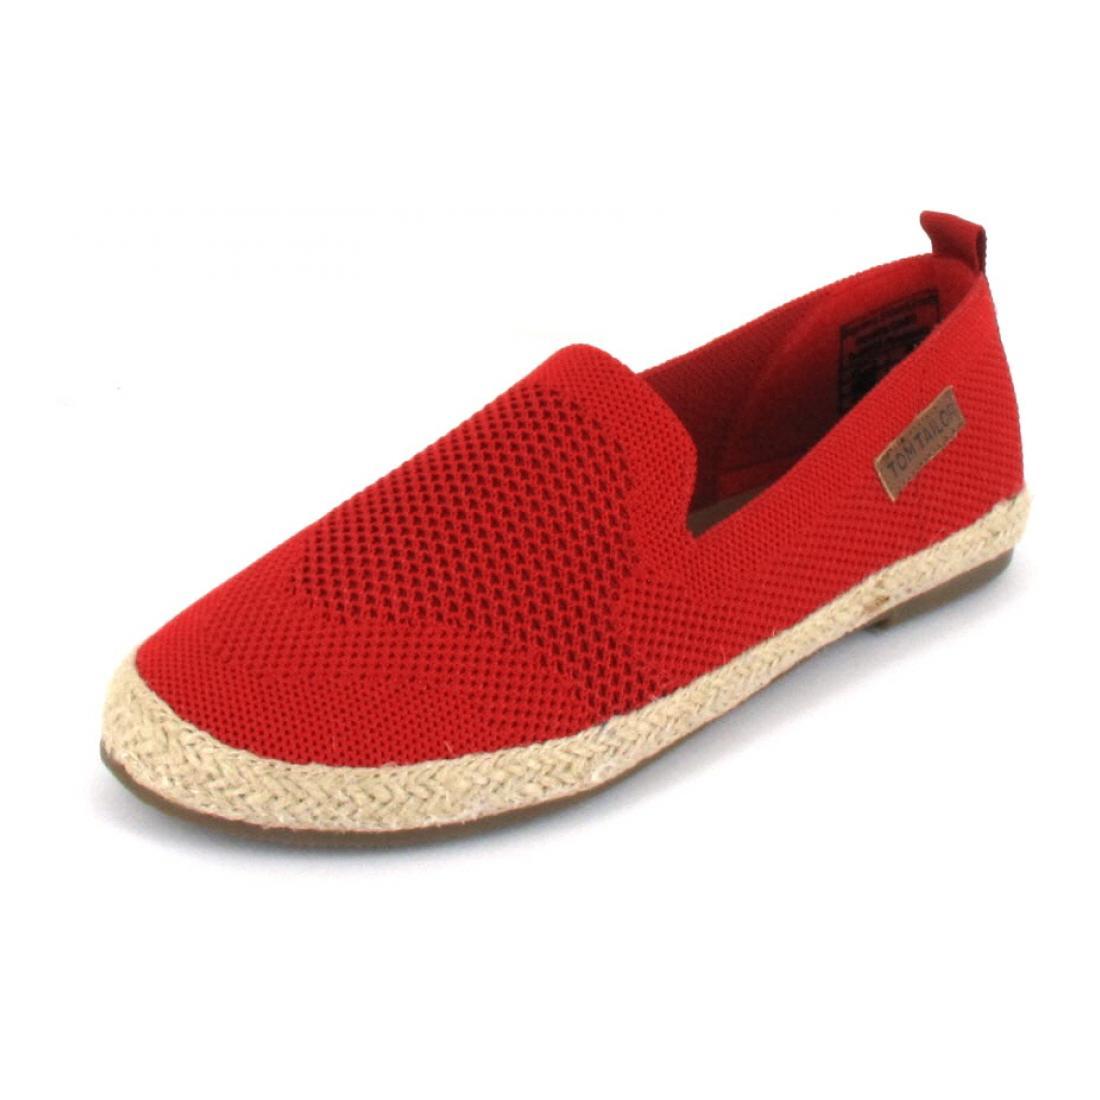 Tom Tailor Slipper red